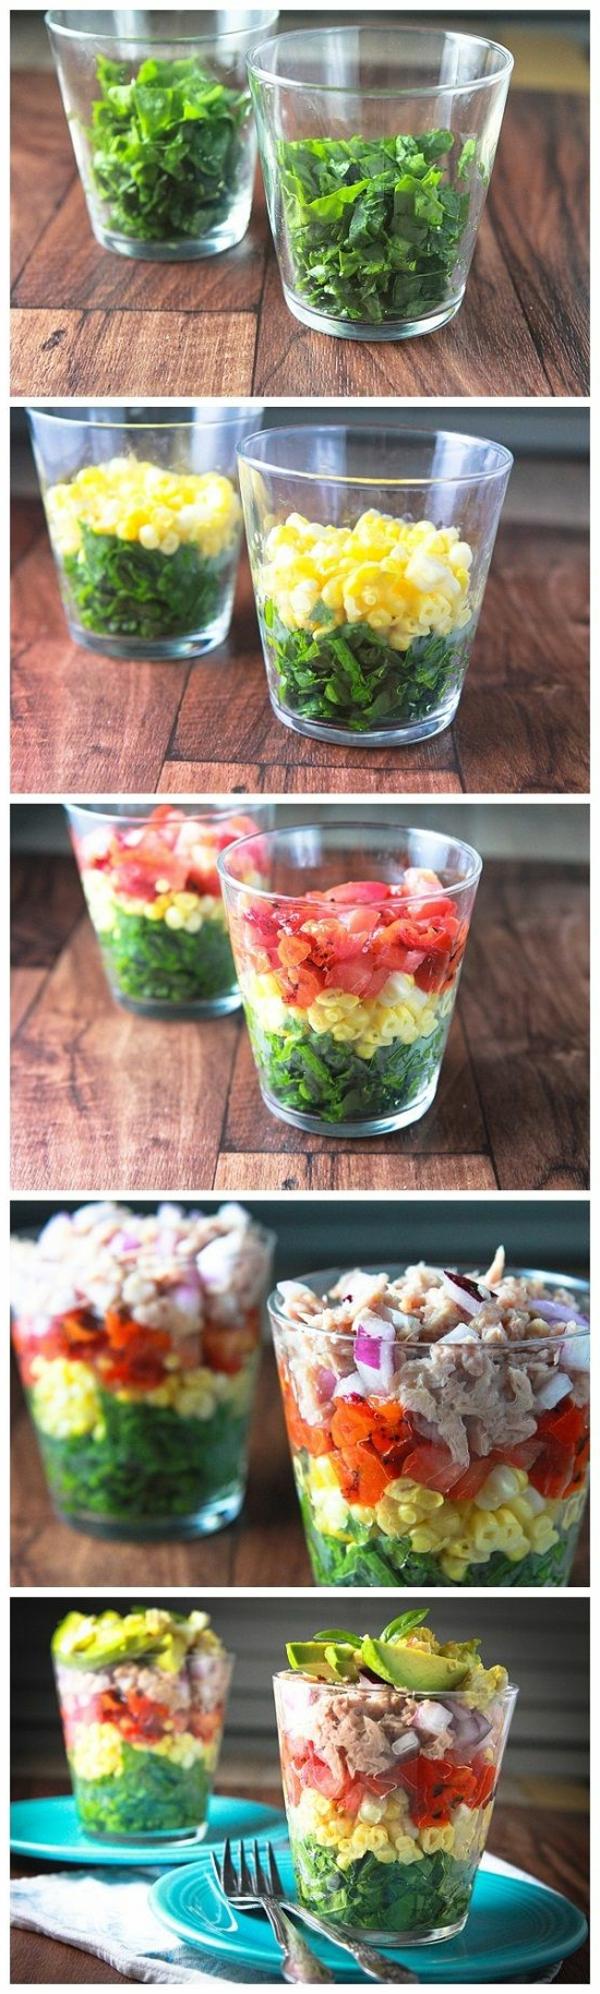 Bicchierini con insalata, brunch con frutti di mare, tutorial ricetta antipasto